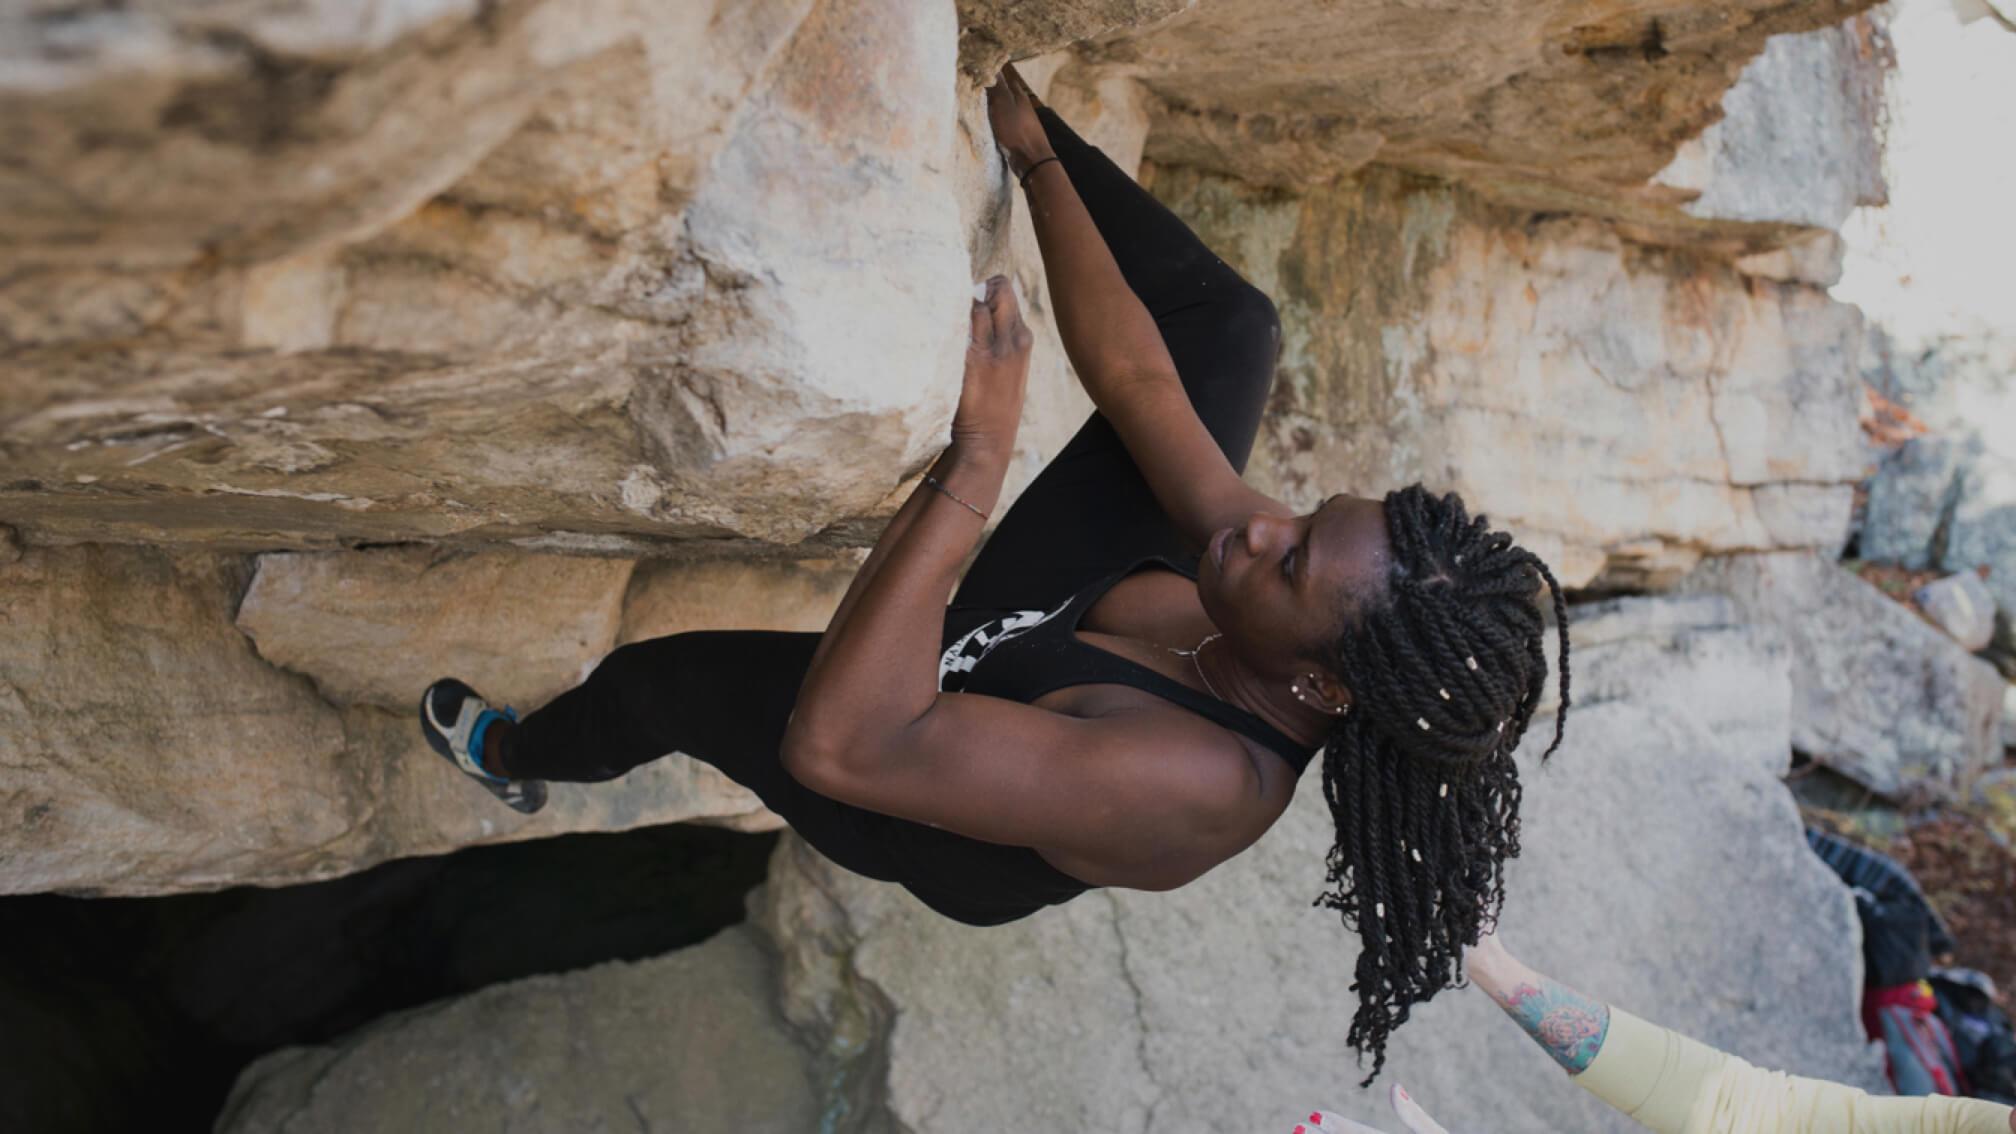 A climber bouldering on an overhang.